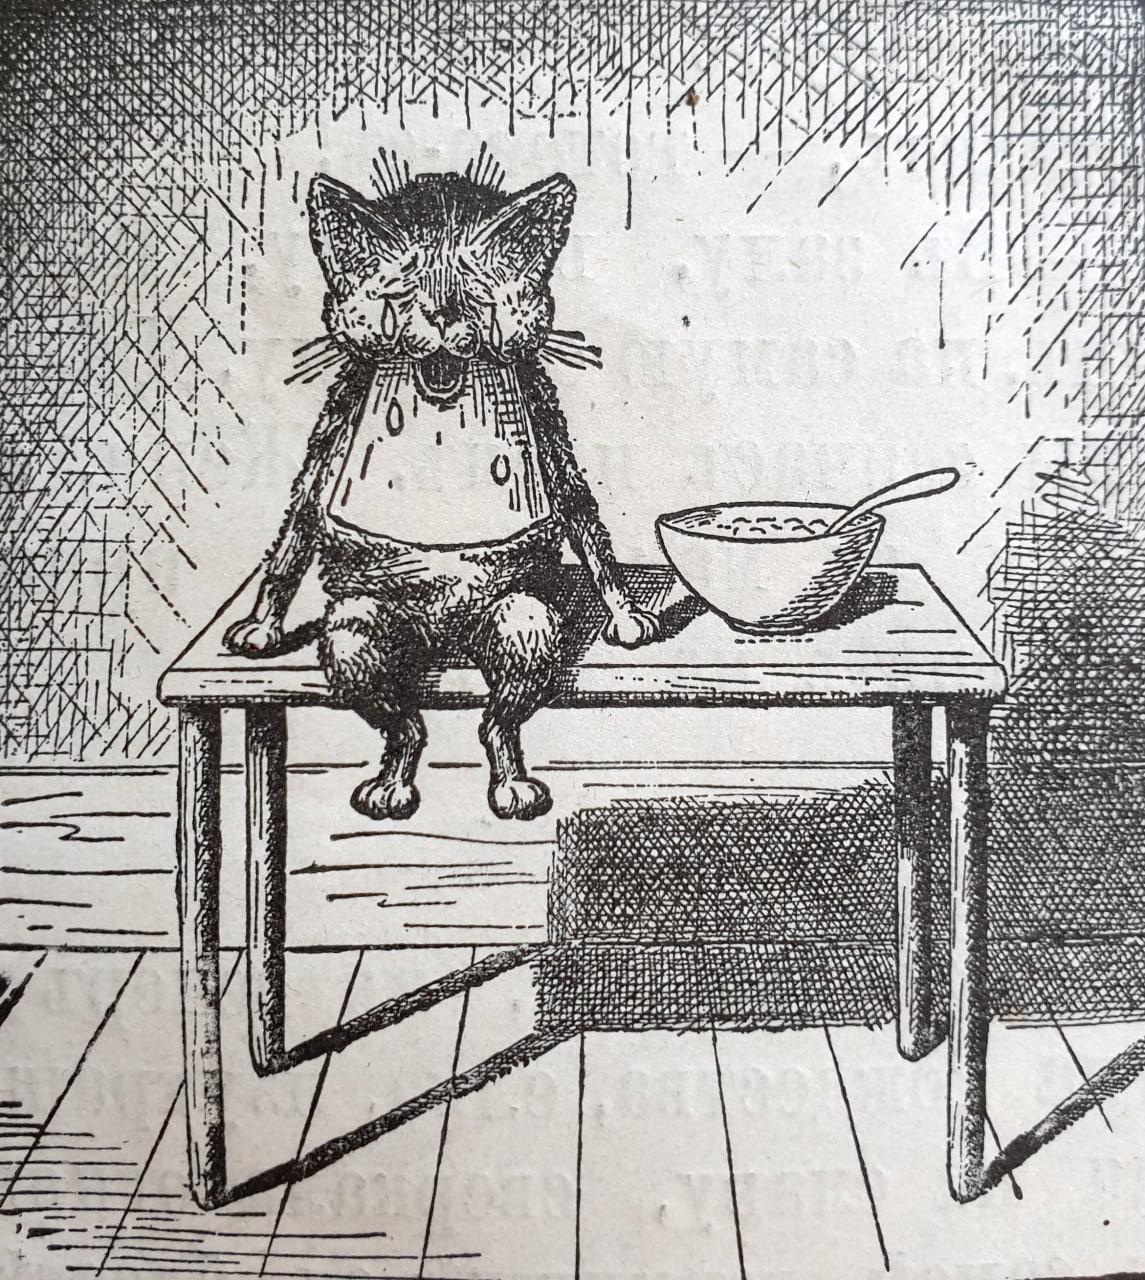 Непослушный котенокъ  Вася мамы не дождался, Изъ чашки молочка...